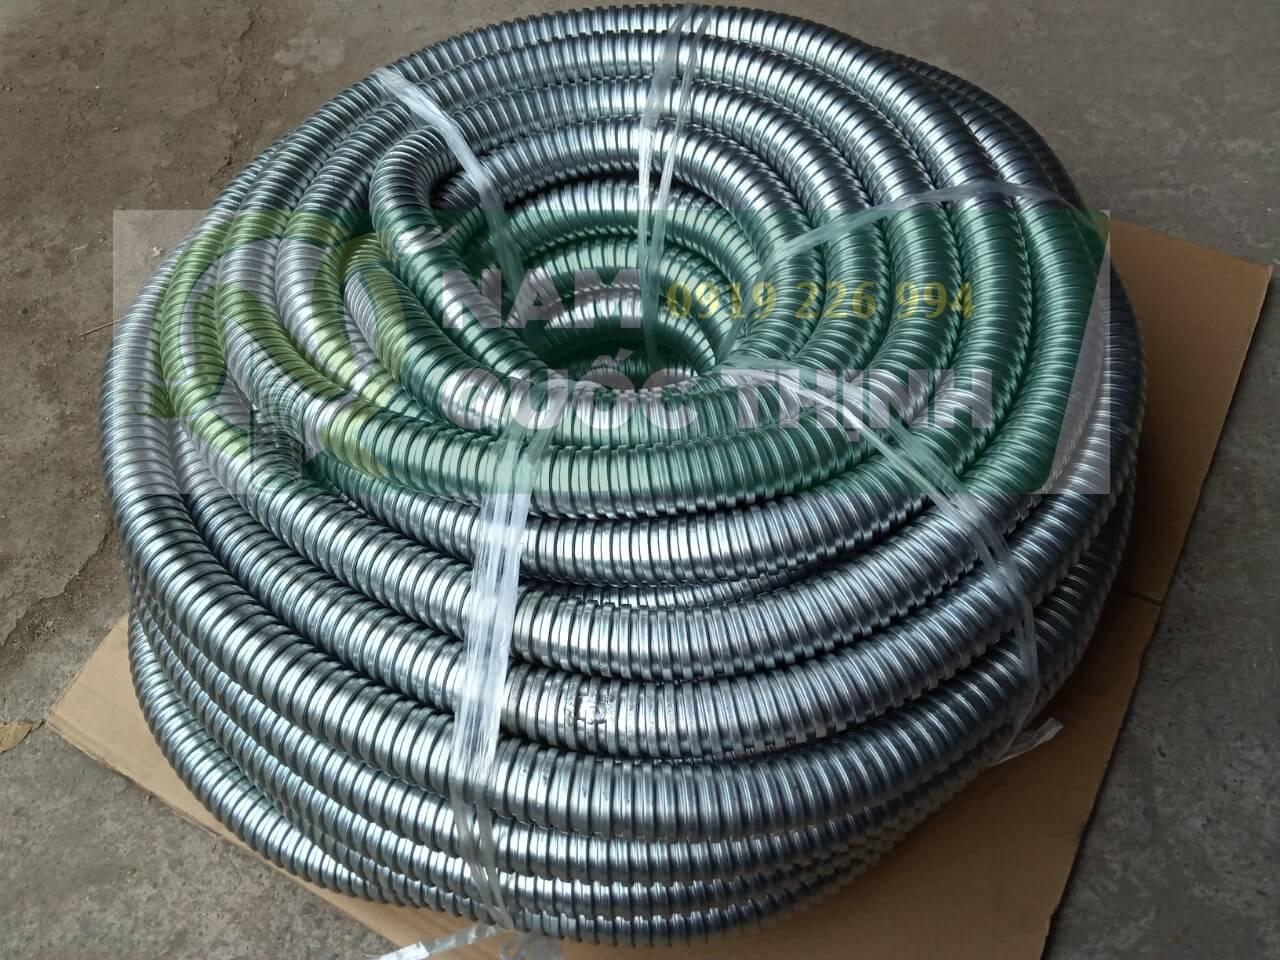 Ống ruột gà thép được đóng thành 50m 1 cuộn